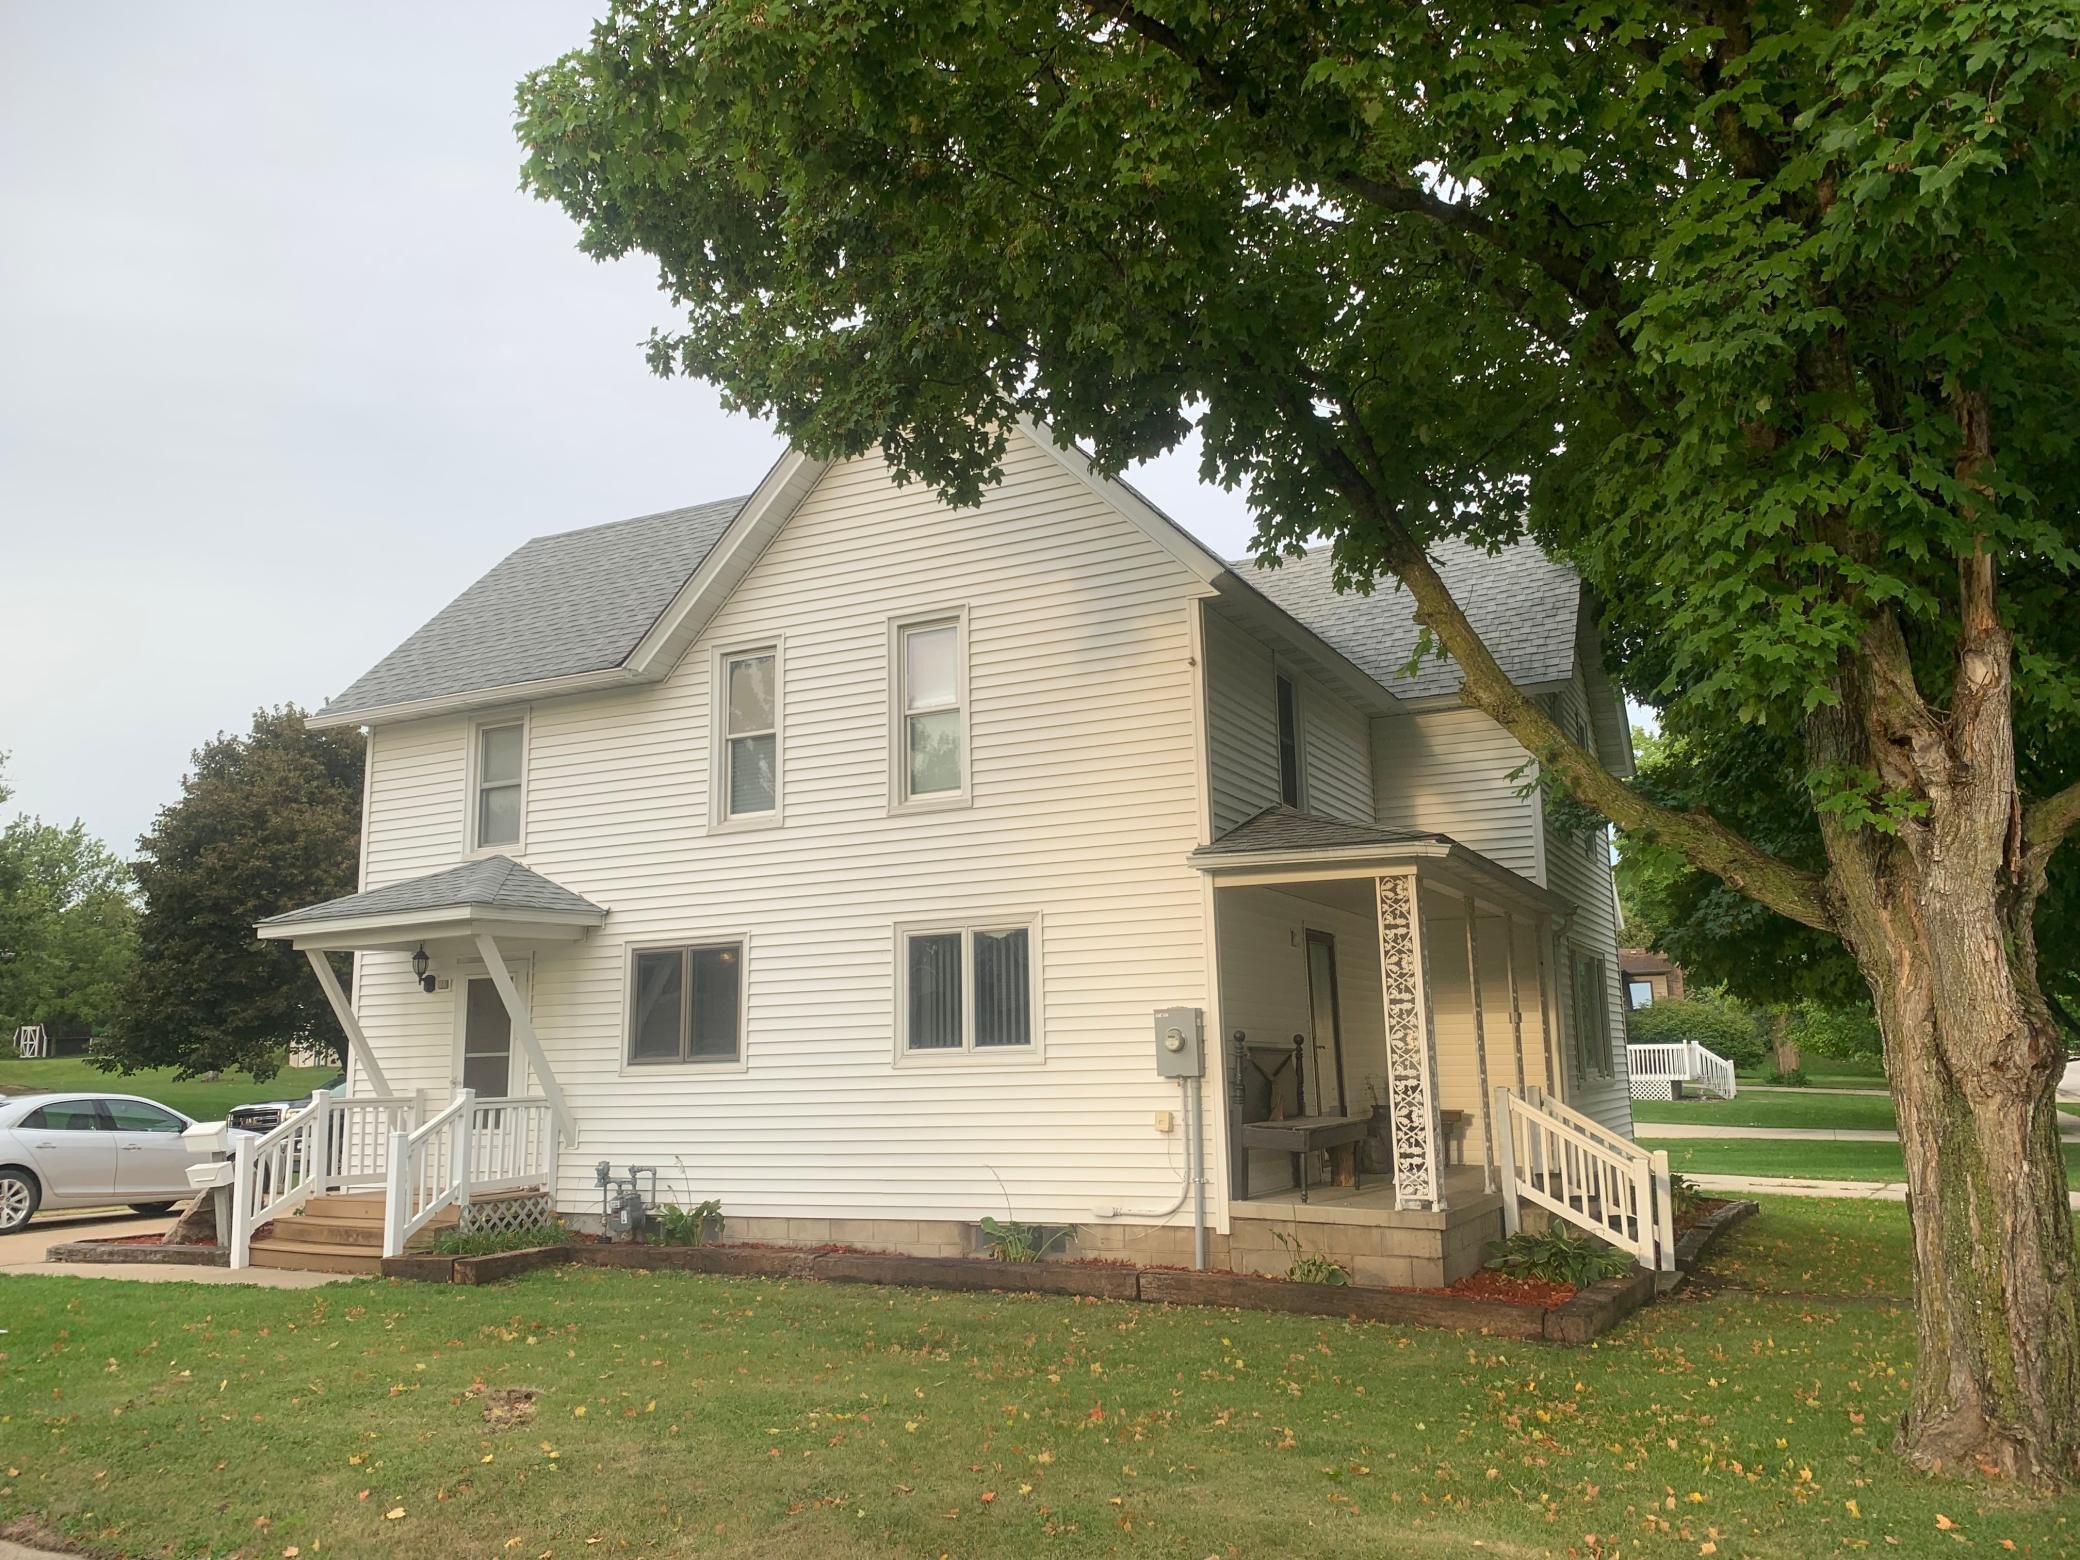 301 E Farmer Street, Spring Valley, MN 55975